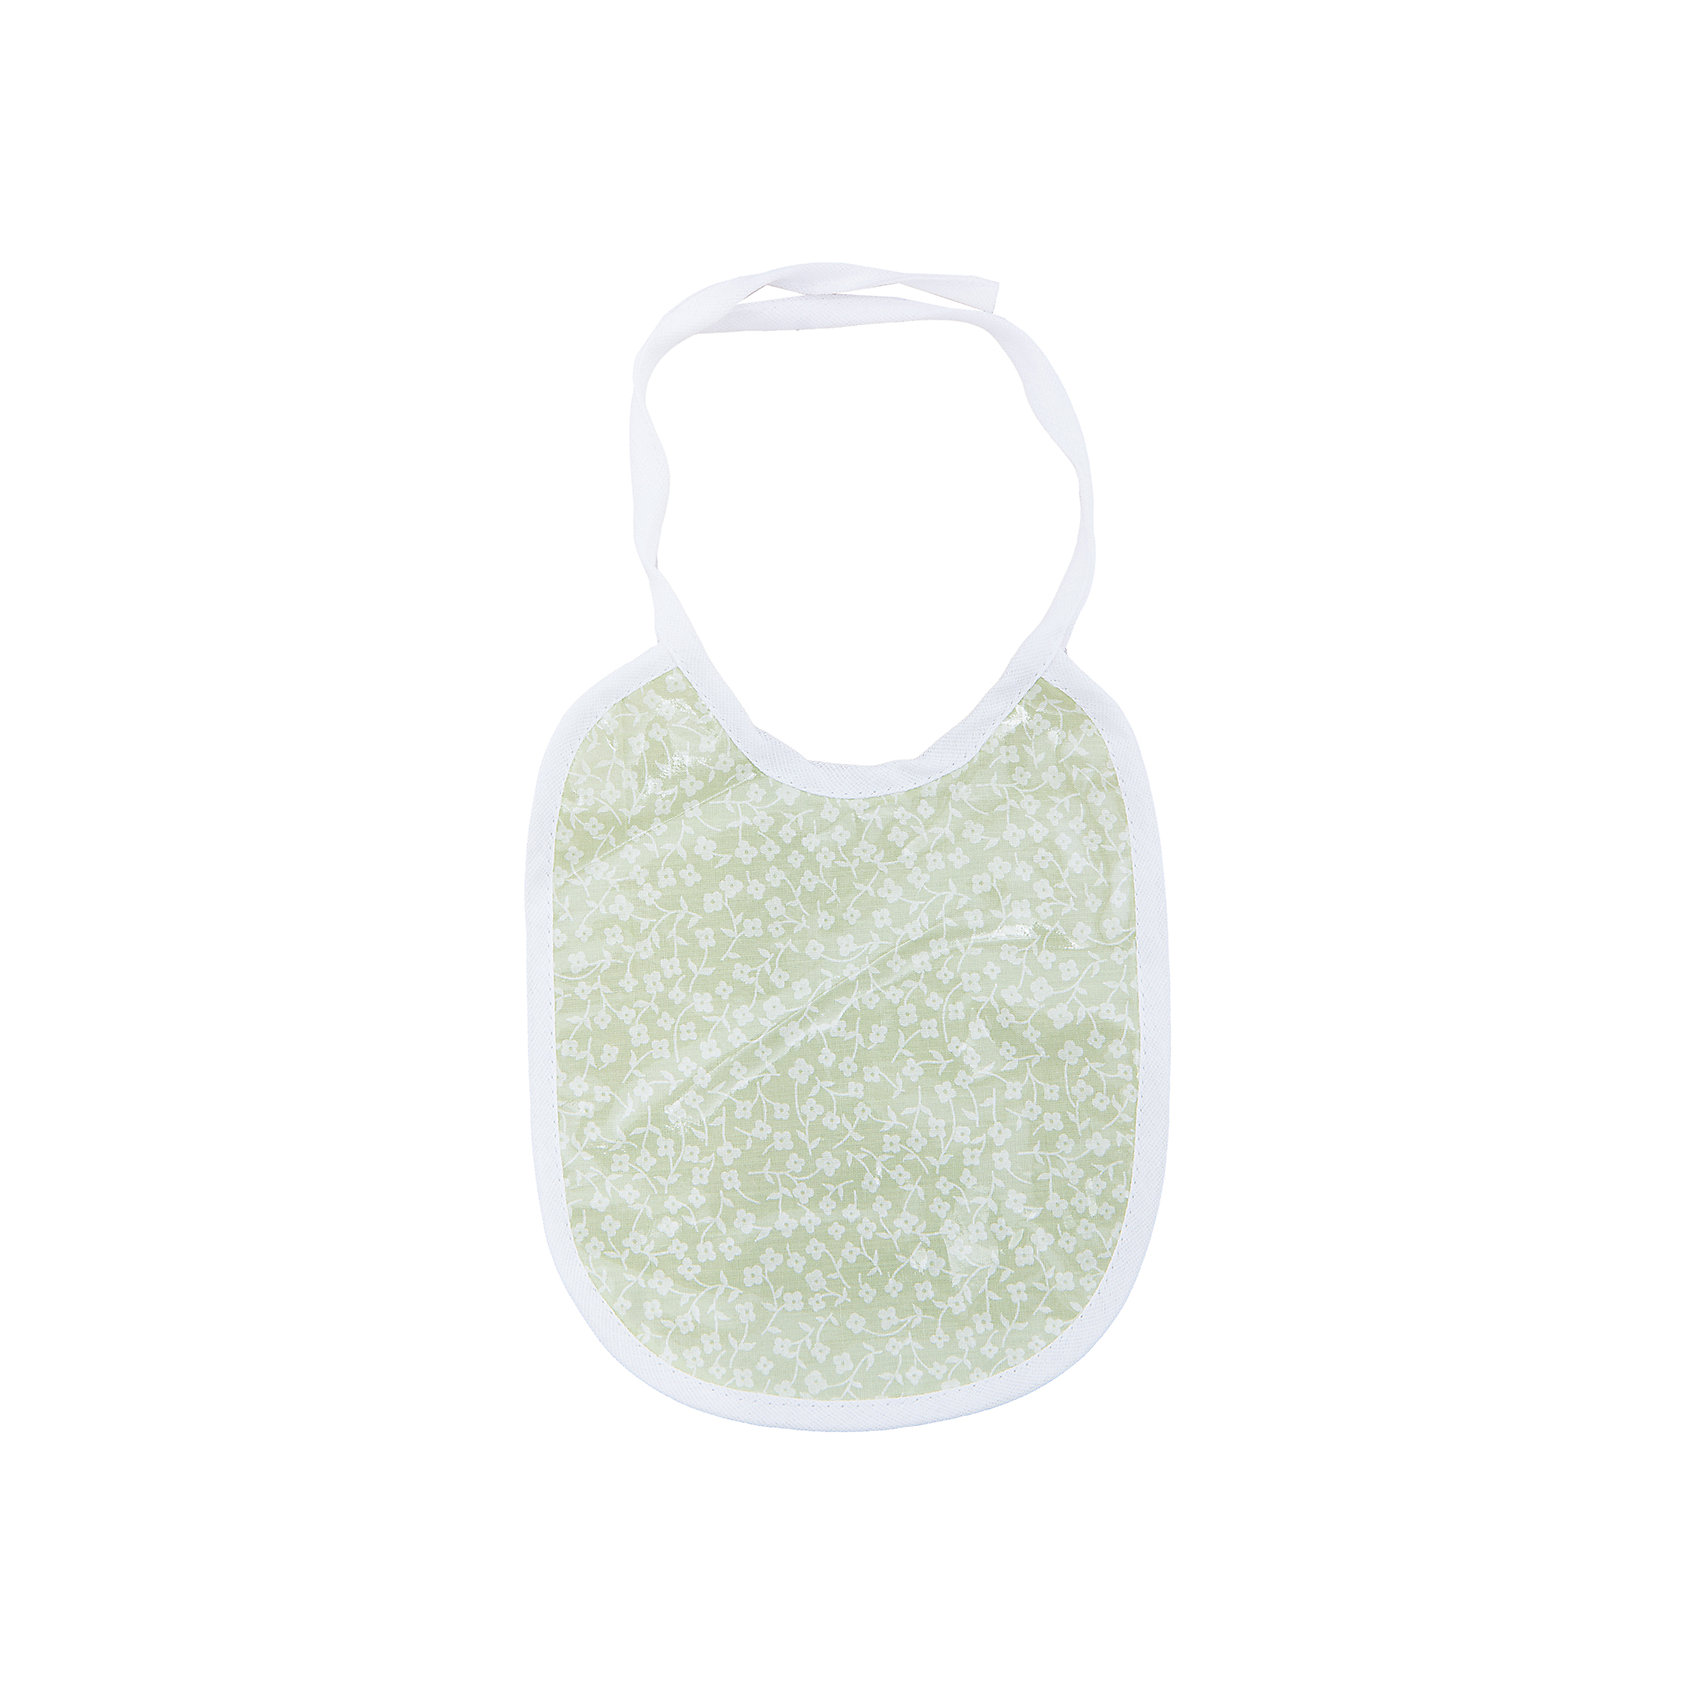 Фартук нагрудный клеёнка, 190*220, зеленый с цветамиНагрудники и салфетки<br>Ткань: бязь, клеенка прозрачная.<br><br>Ширина мм: 200<br>Глубина мм: 200<br>Высота мм: 10<br>Вес г: 50<br>Возраст от месяцев: 0<br>Возраст до месяцев: 6<br>Пол: Унисекс<br>Возраст: Детский<br>SKU: 5506873